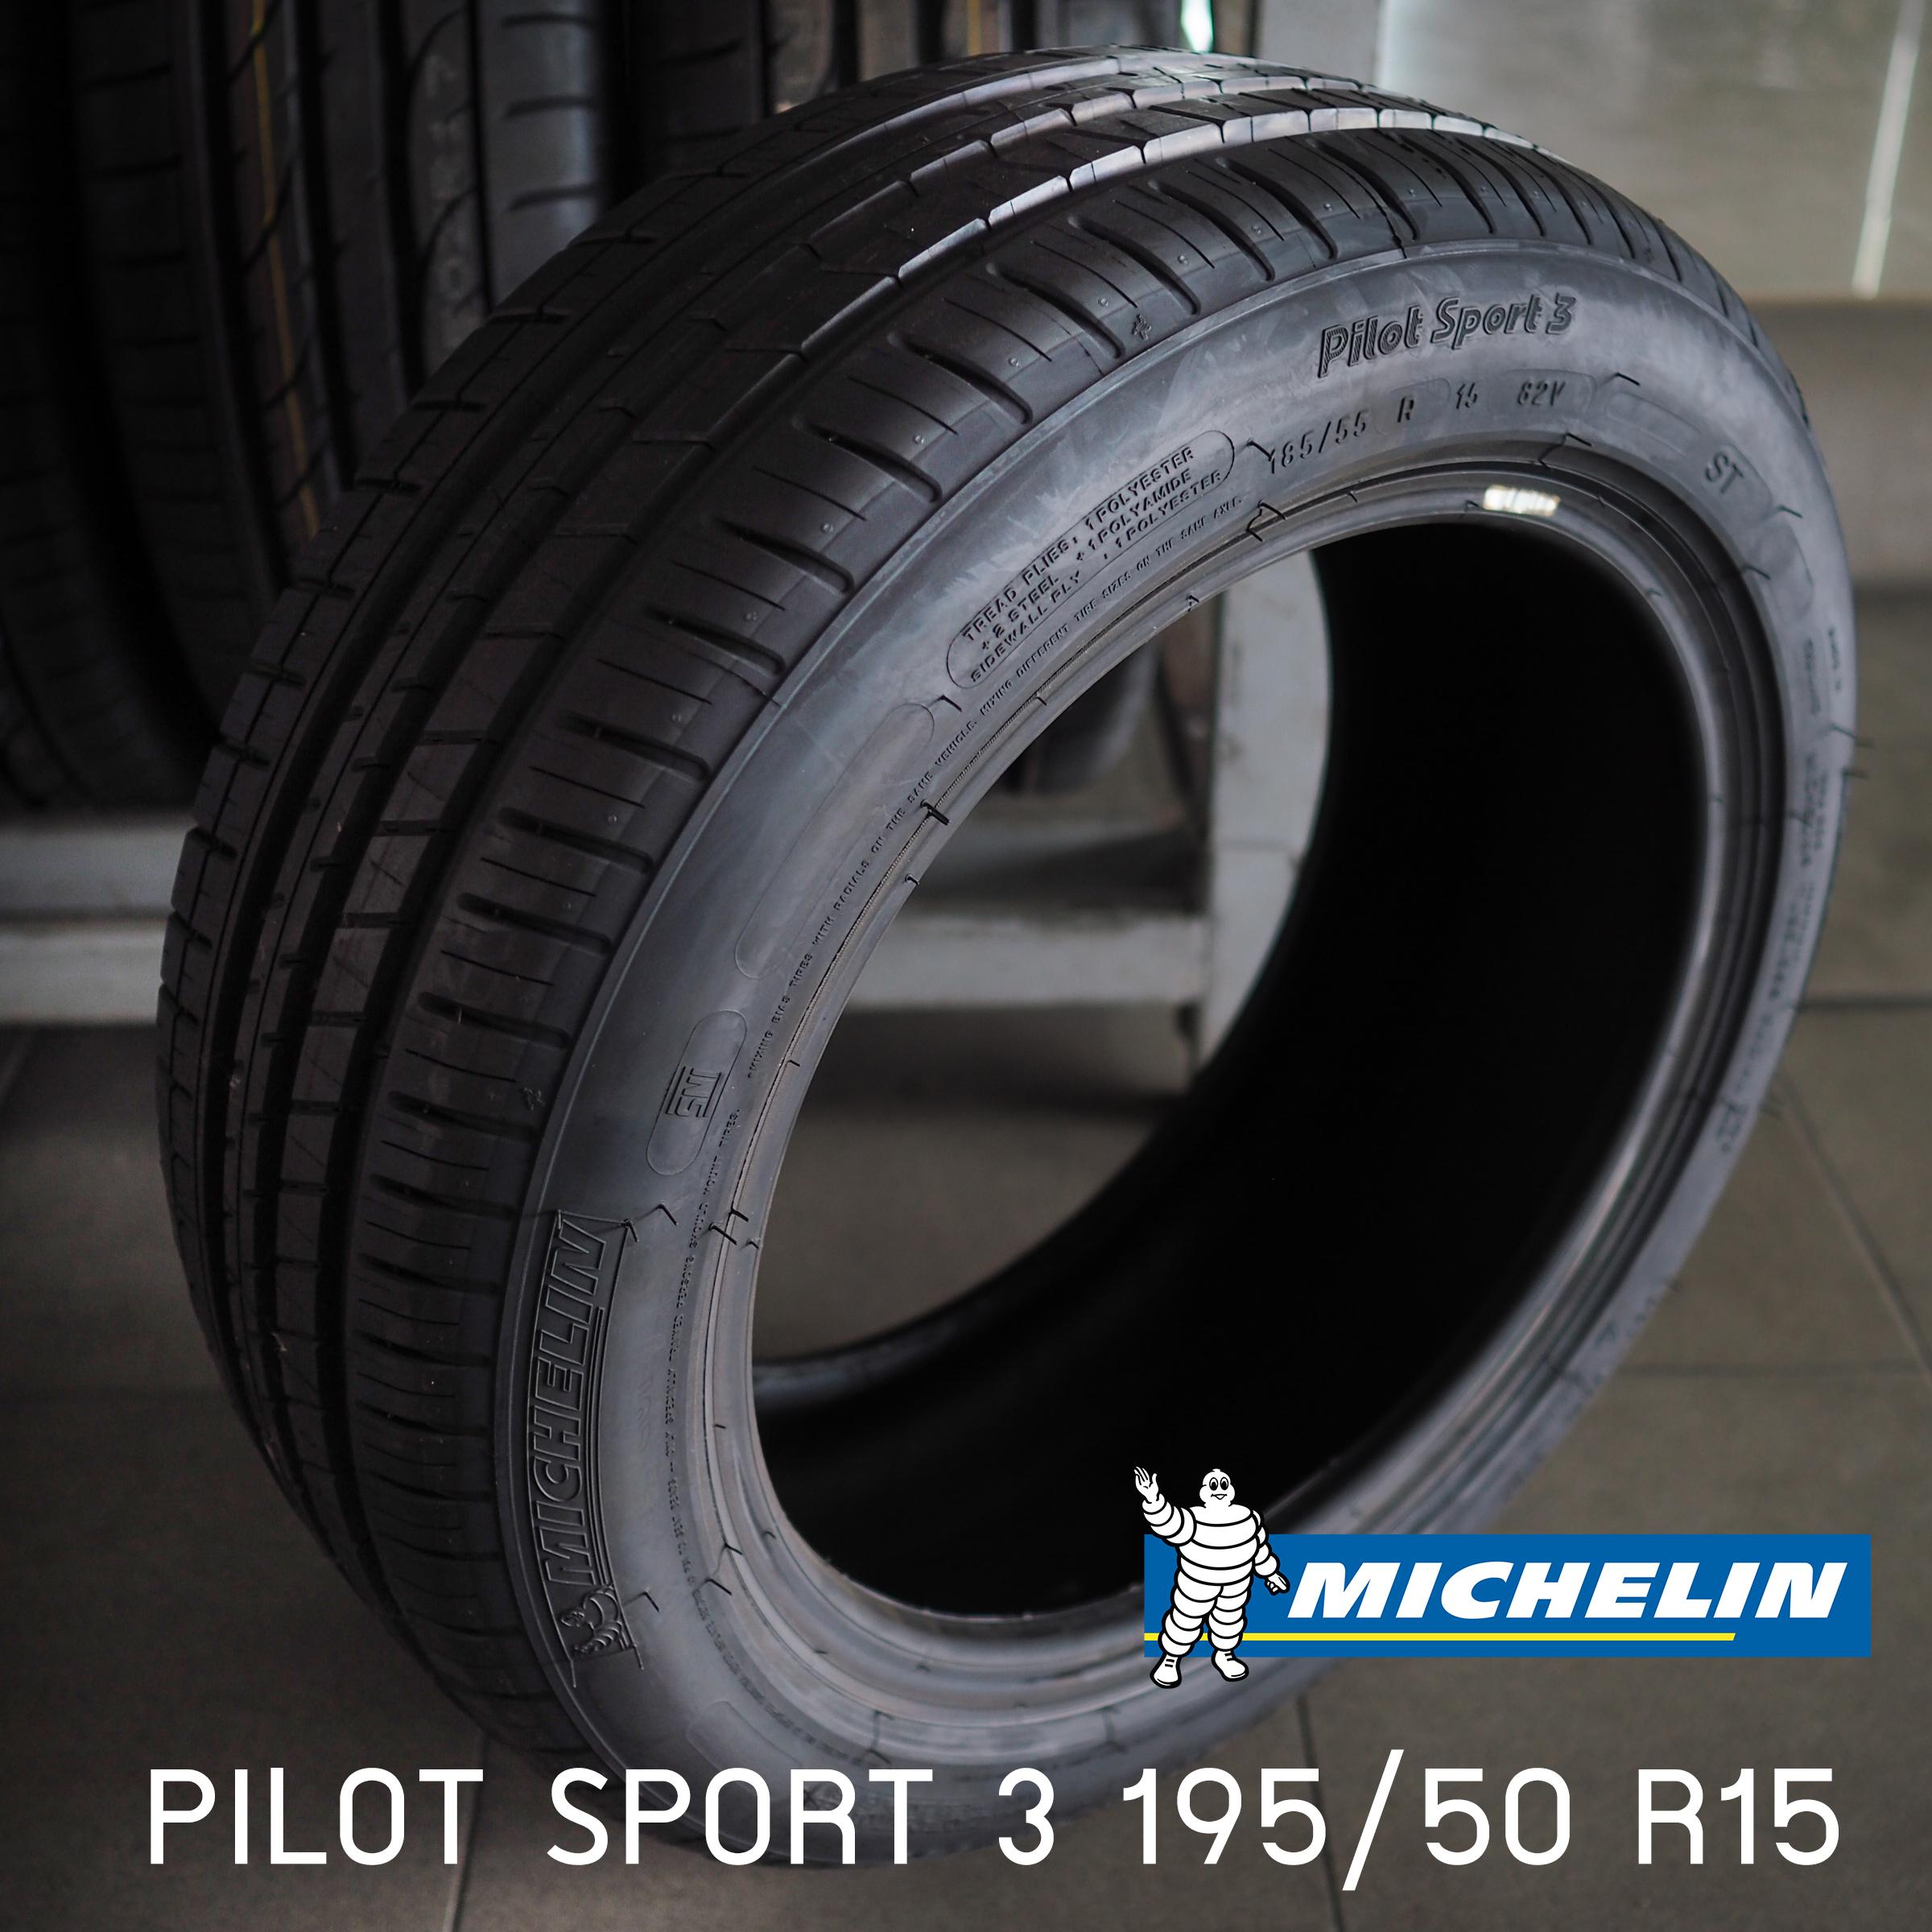 Michelin Pilot Sport 3 195 50r15 >> Michelin Pilot Sport 3 195 50 R15 สมไชยออโตเซอร ว ส Inspired By